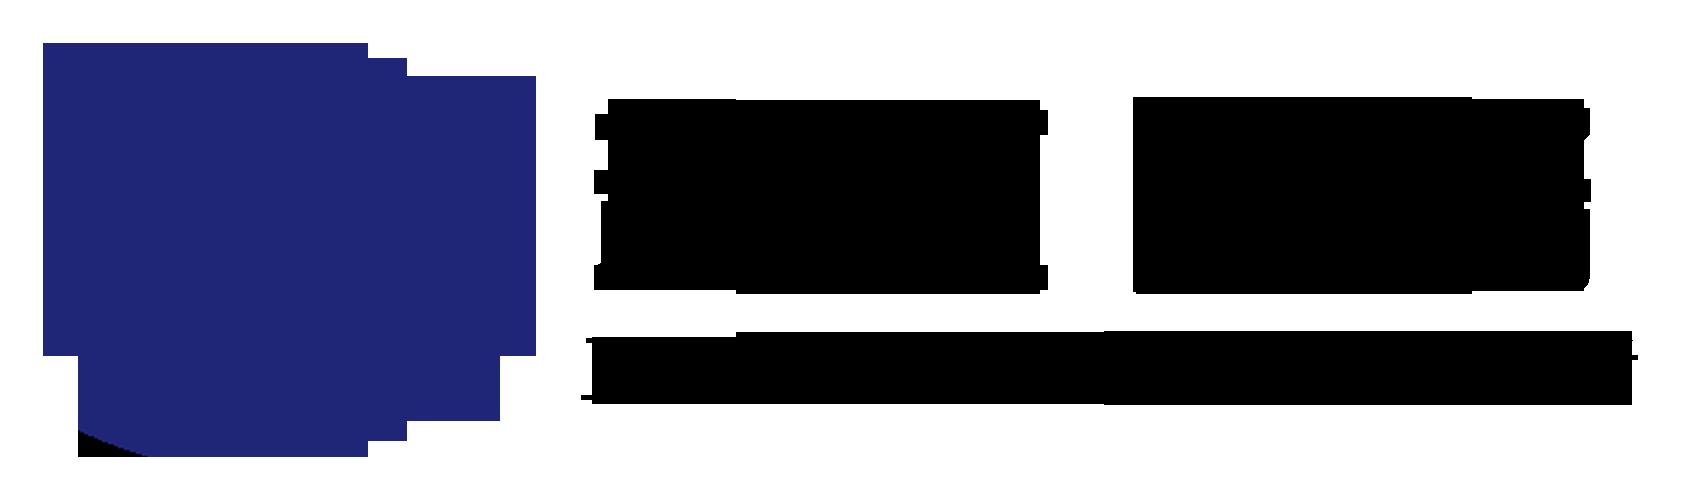 超仁网络—一站式网络营销